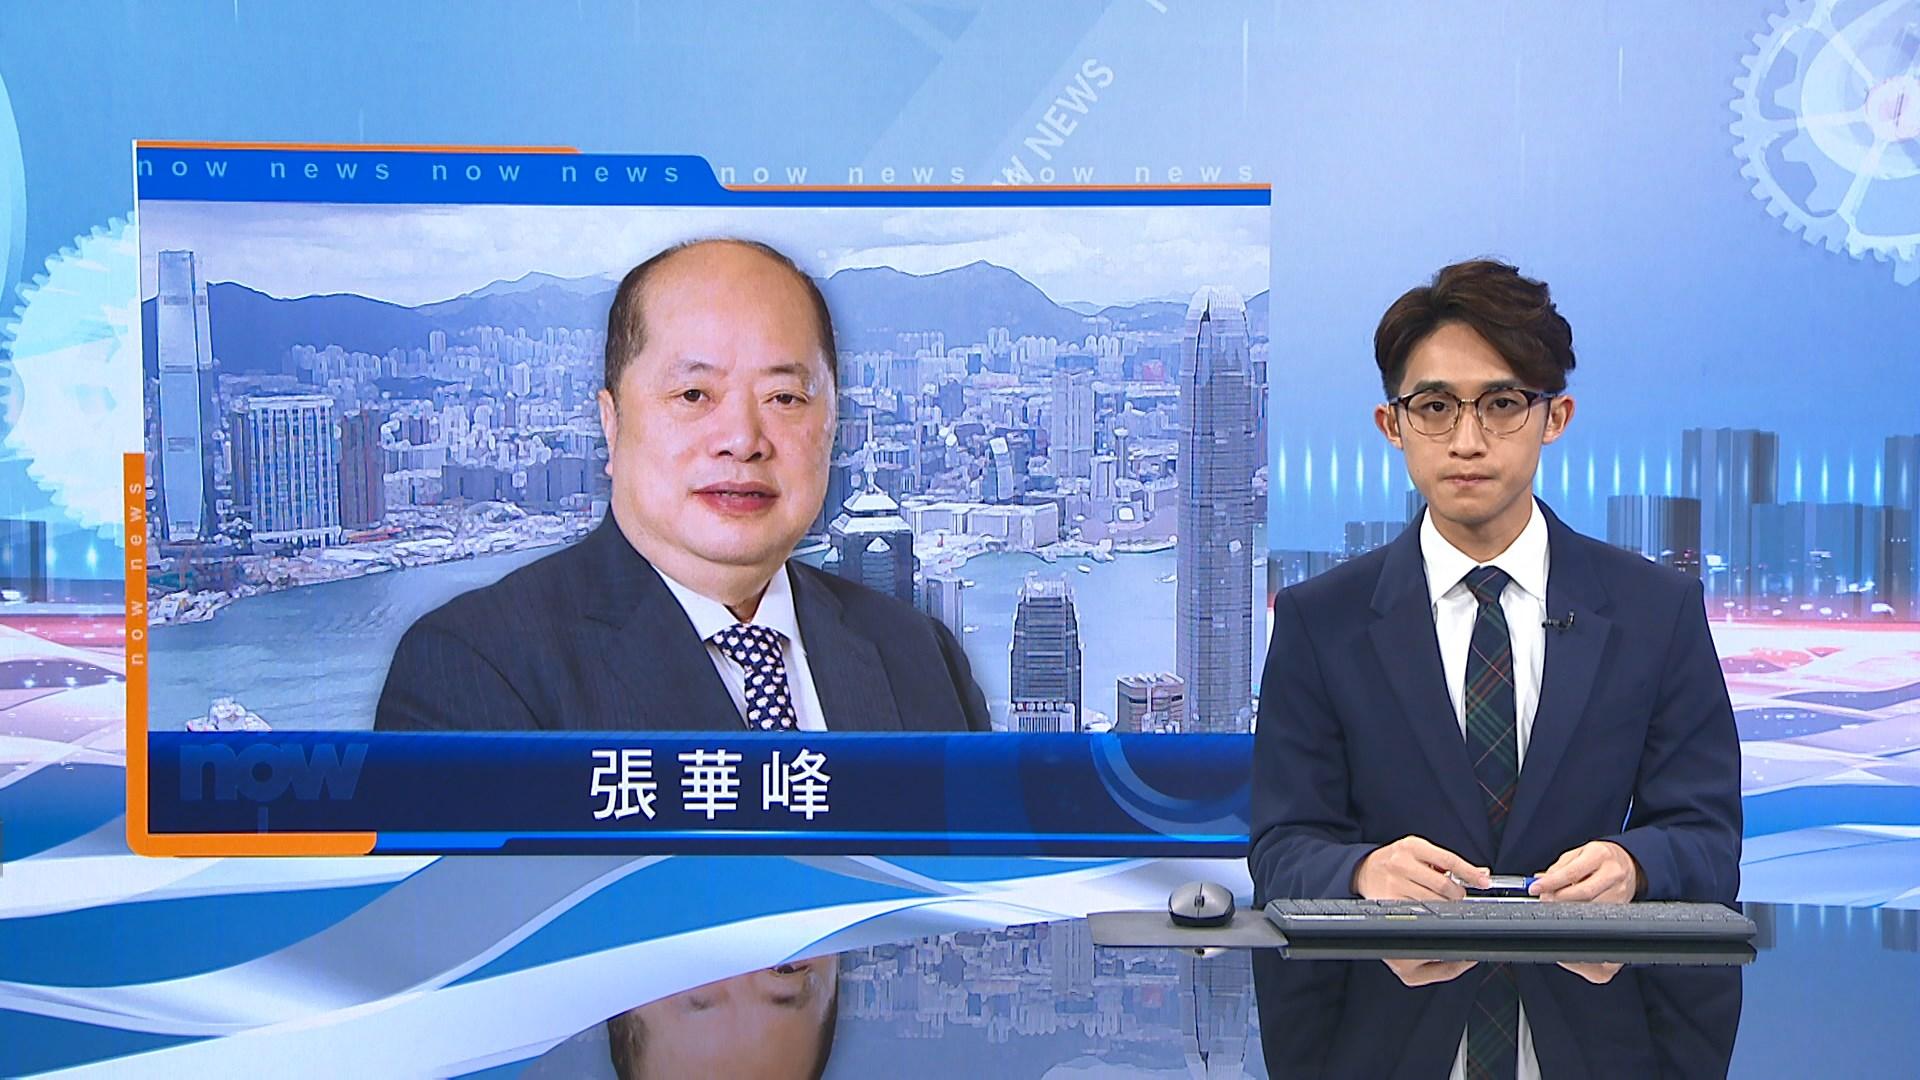 張華峰:修例爭議令社會對峙氣氛嚴峻